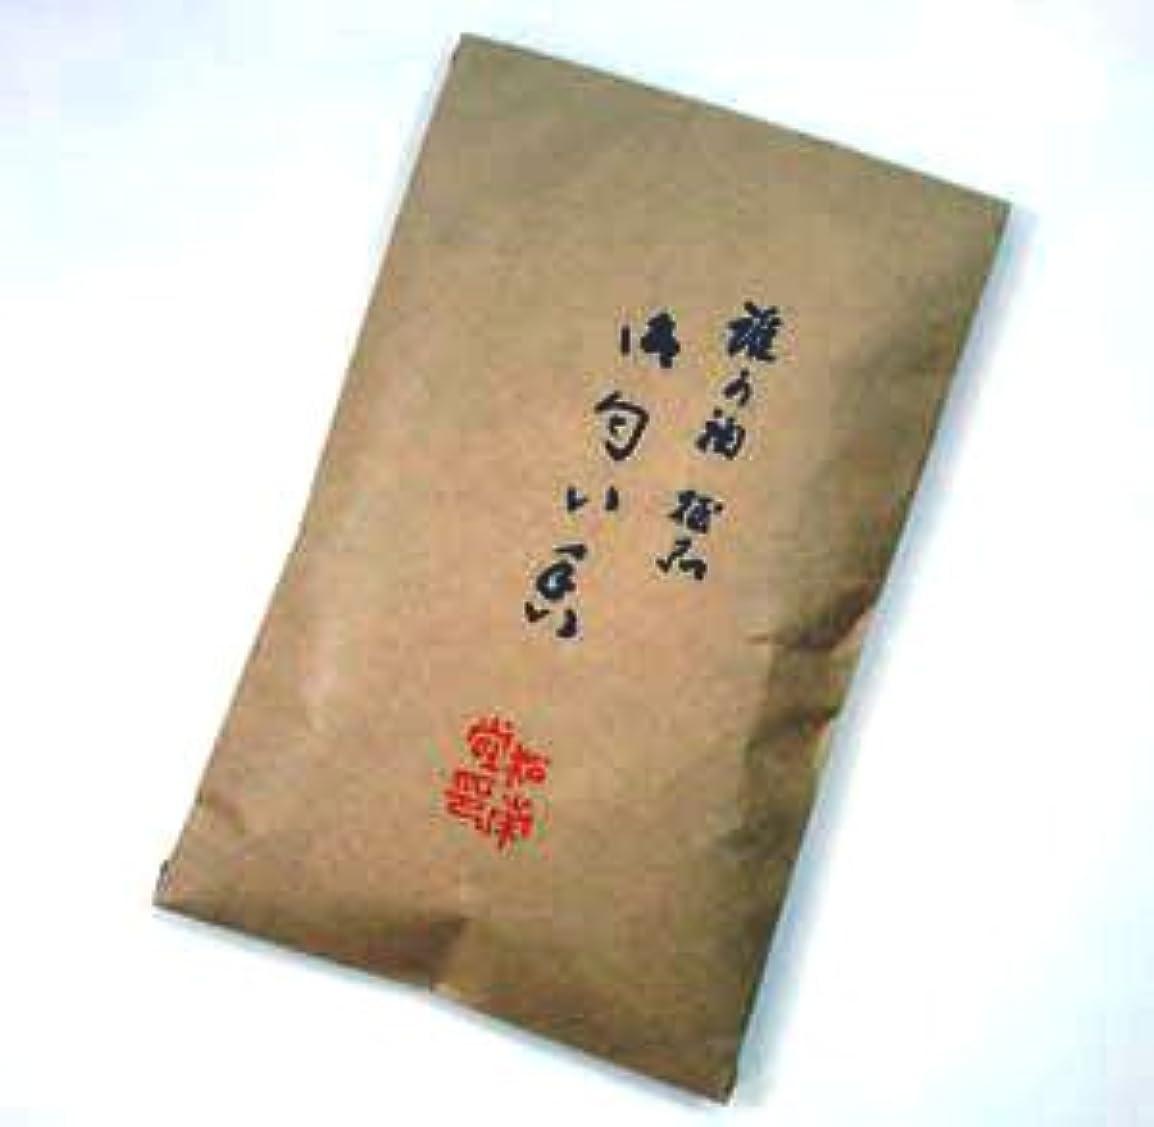 分子三角形マニフェスト匂い袋用のお香(詰替え用) 「匂い香【極品】」